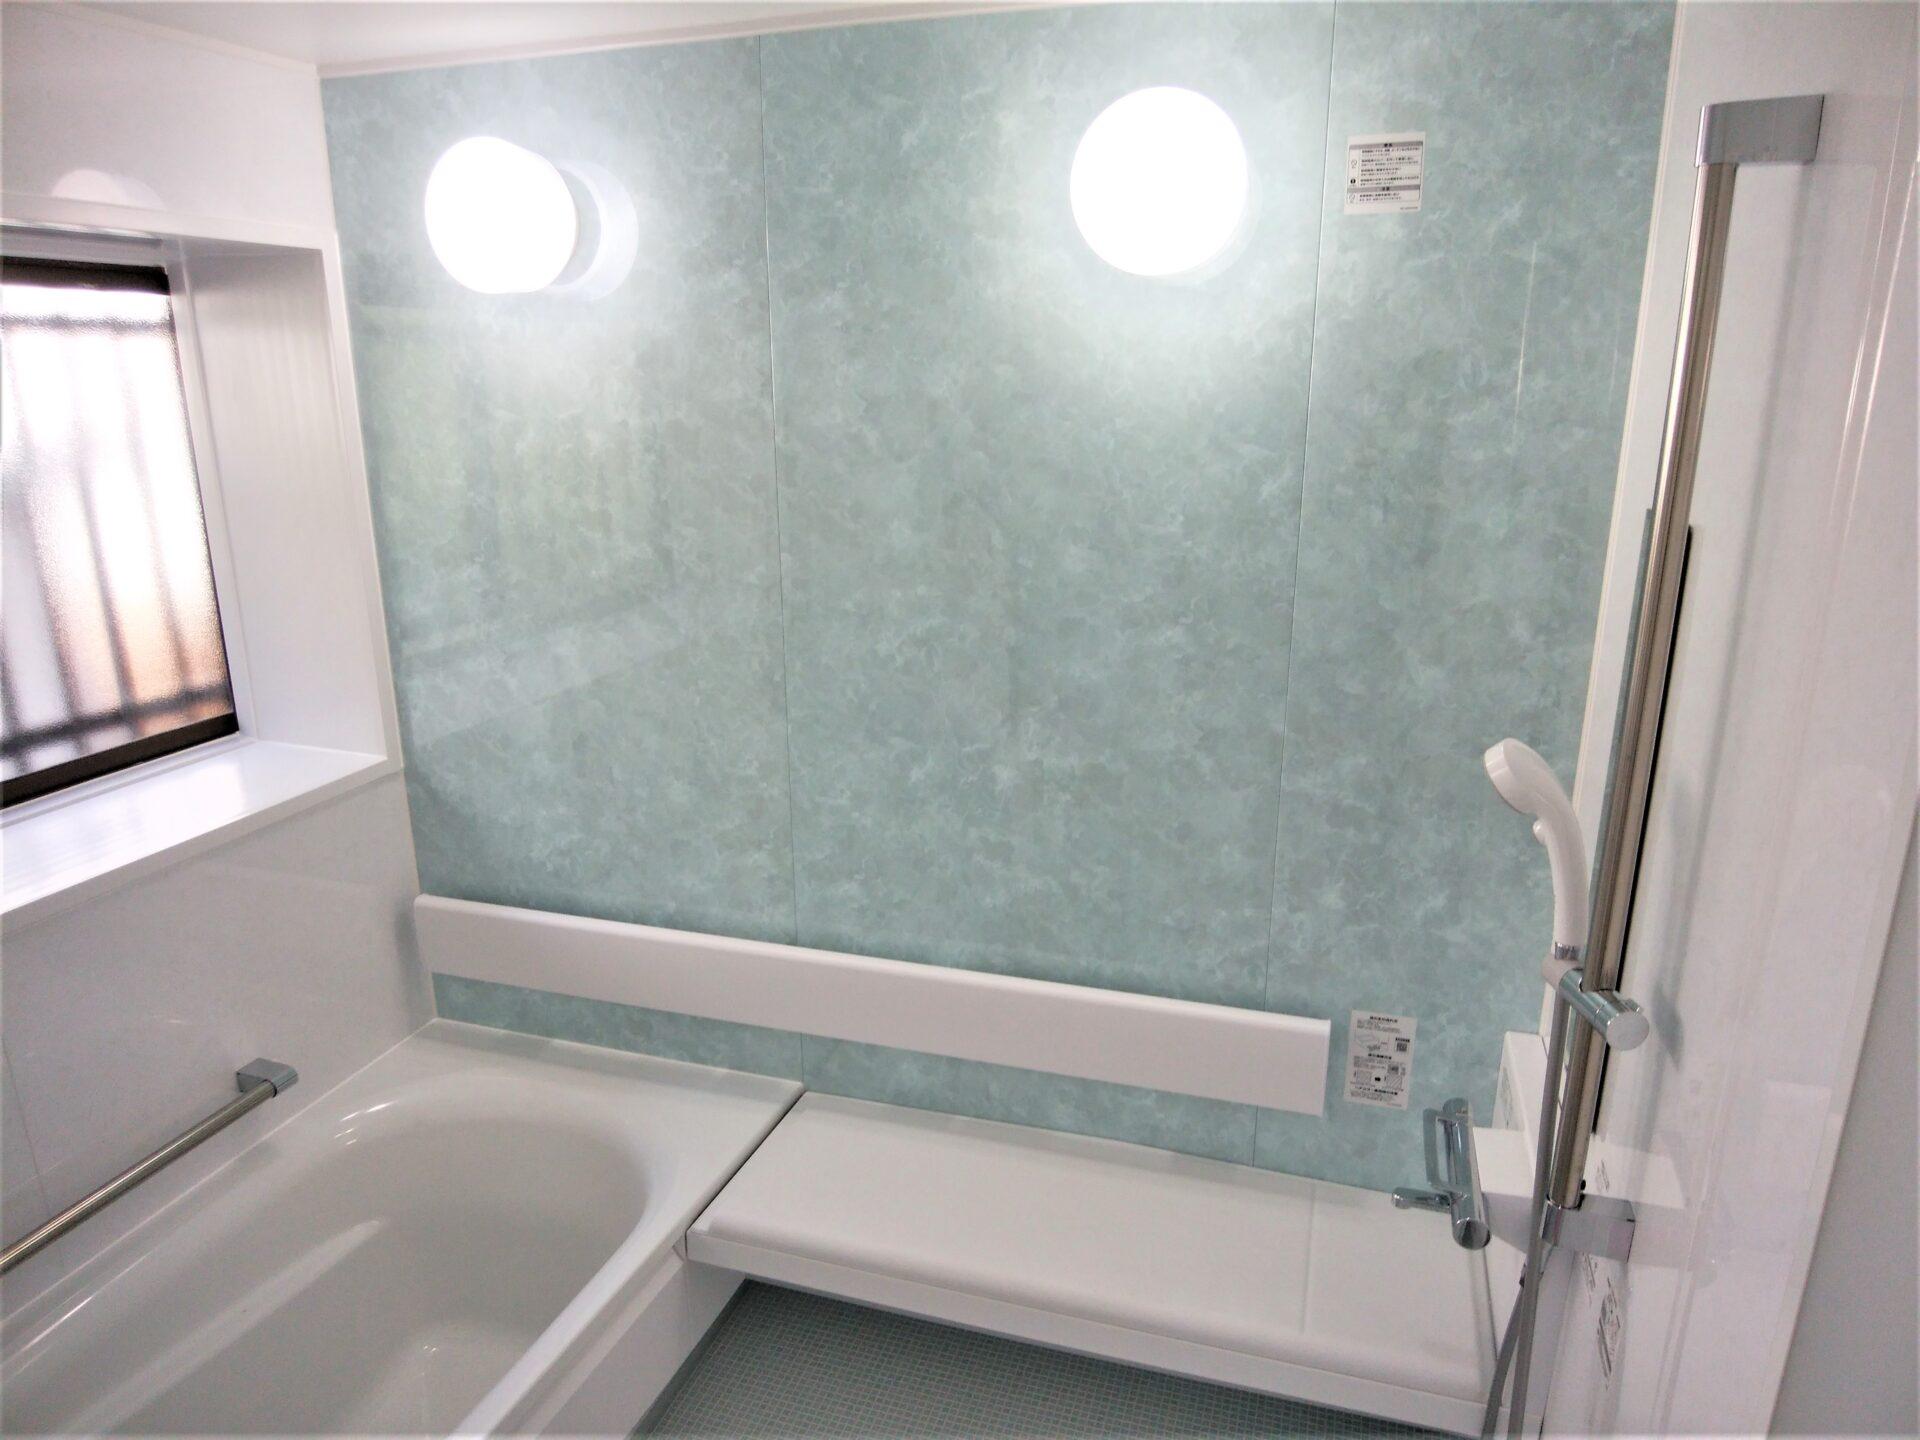 タイル張のお風呂からユニットバスへリフォーム